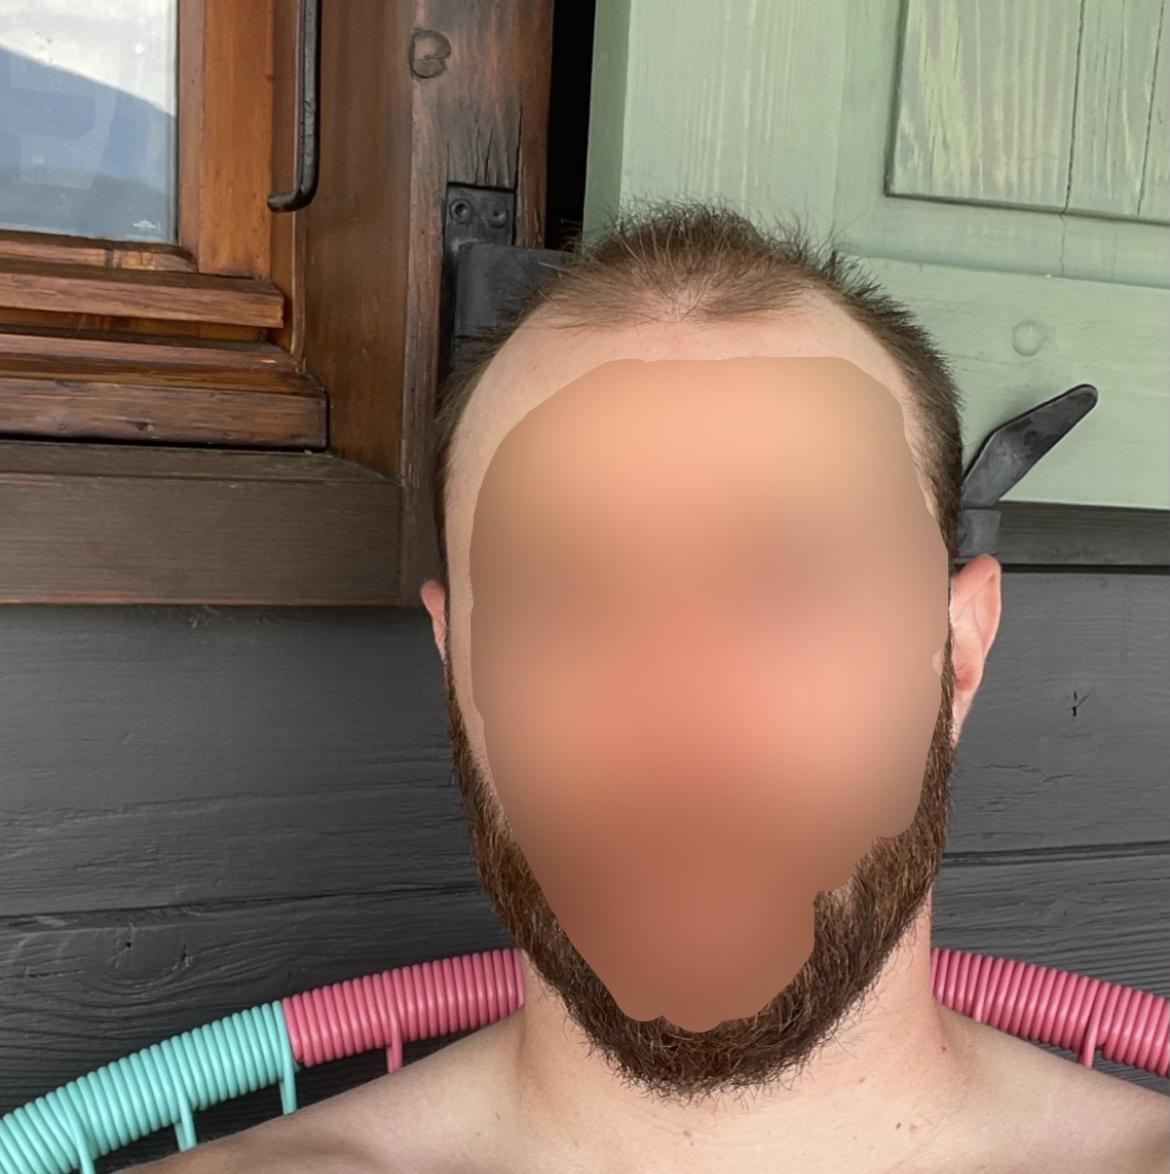 Homme chauve avant complément capillaire